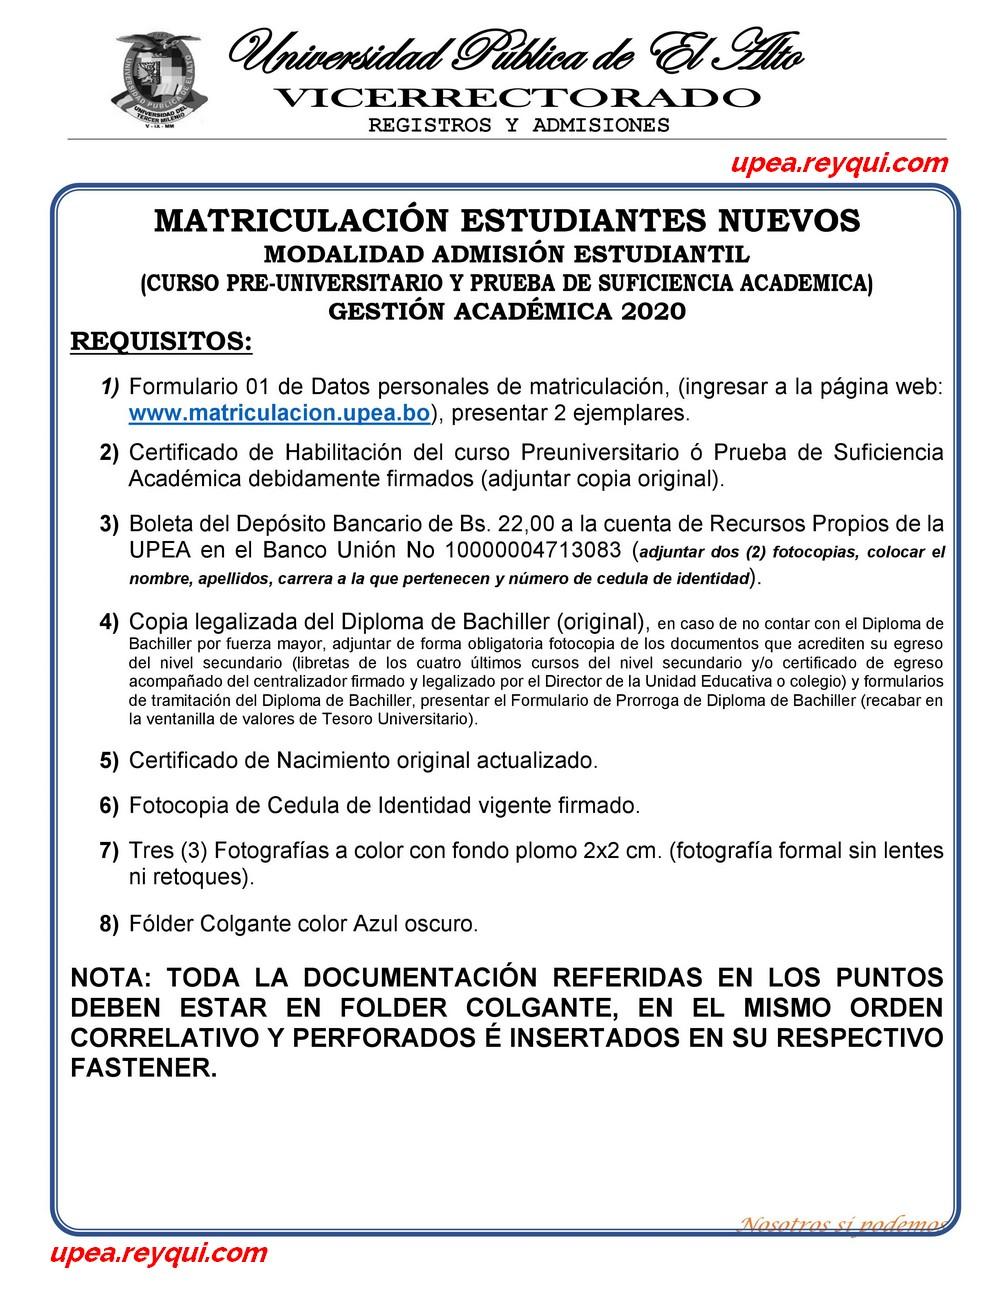 Matriculación UPEA 2020